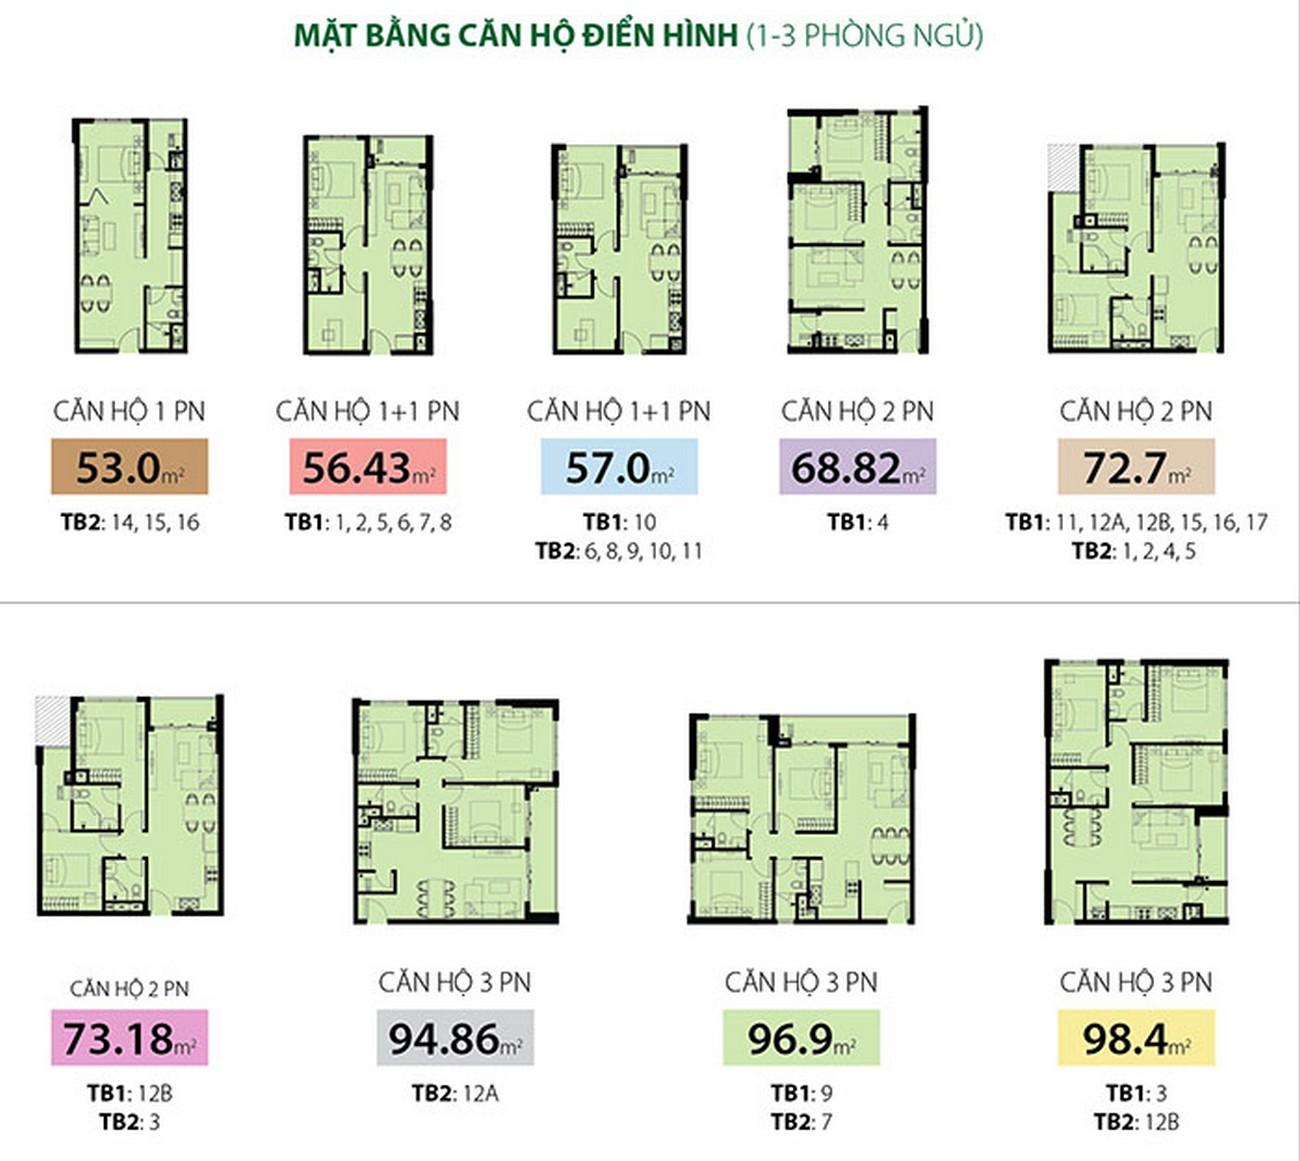 Thiết kế dự án căn hộ chung cư The Botanica Tân Bình  Đường 104 Phổ Quang chủ đầu tư Novaland